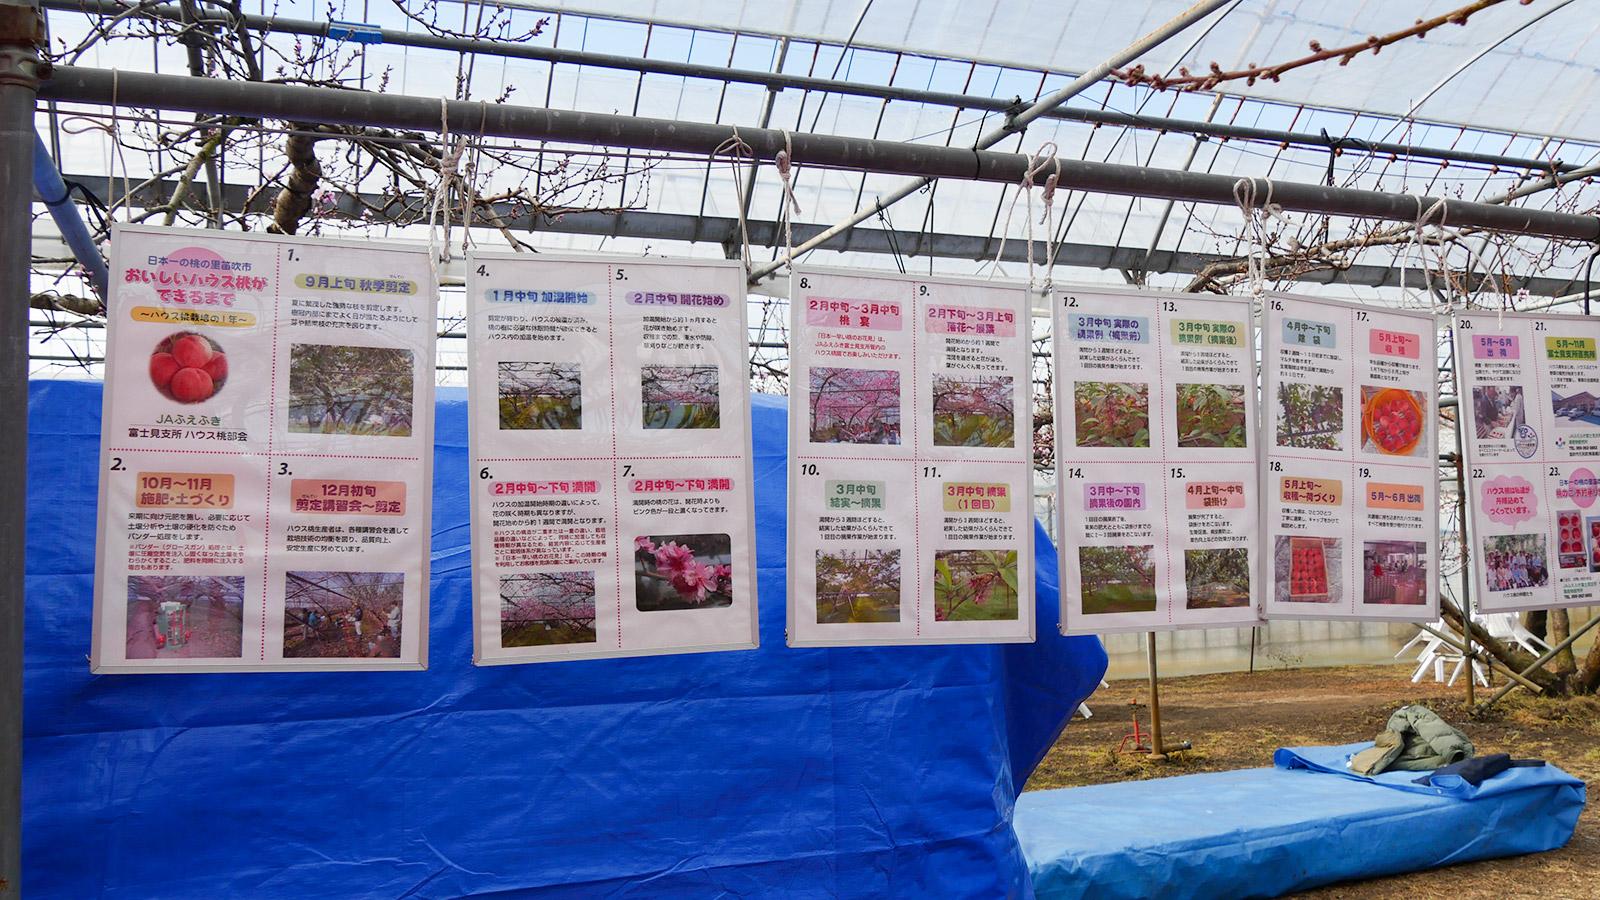 美味しいハウス桃が出来るまでの解説が、地元JAふえふきにより掲示されていました。